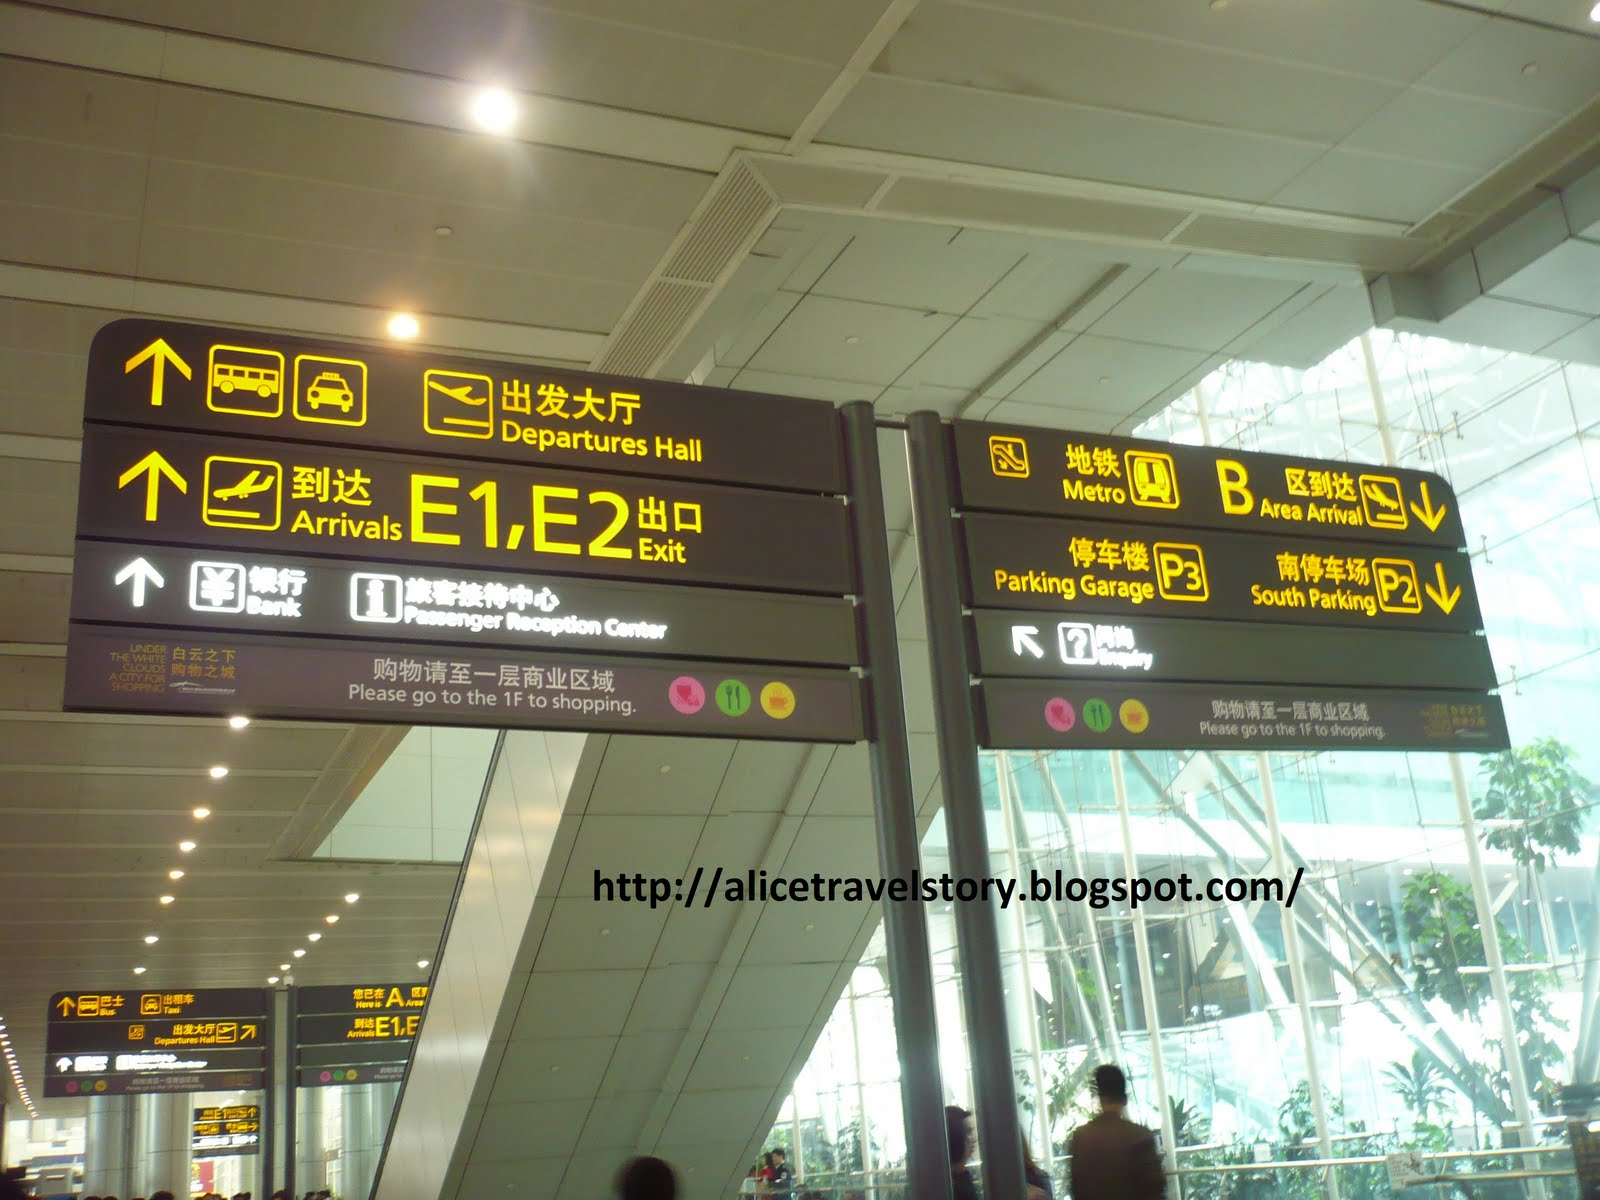 Aeroporto Guangzhou Arrive : Alice travelogue: china guangzhou trip day 1 from baiyun